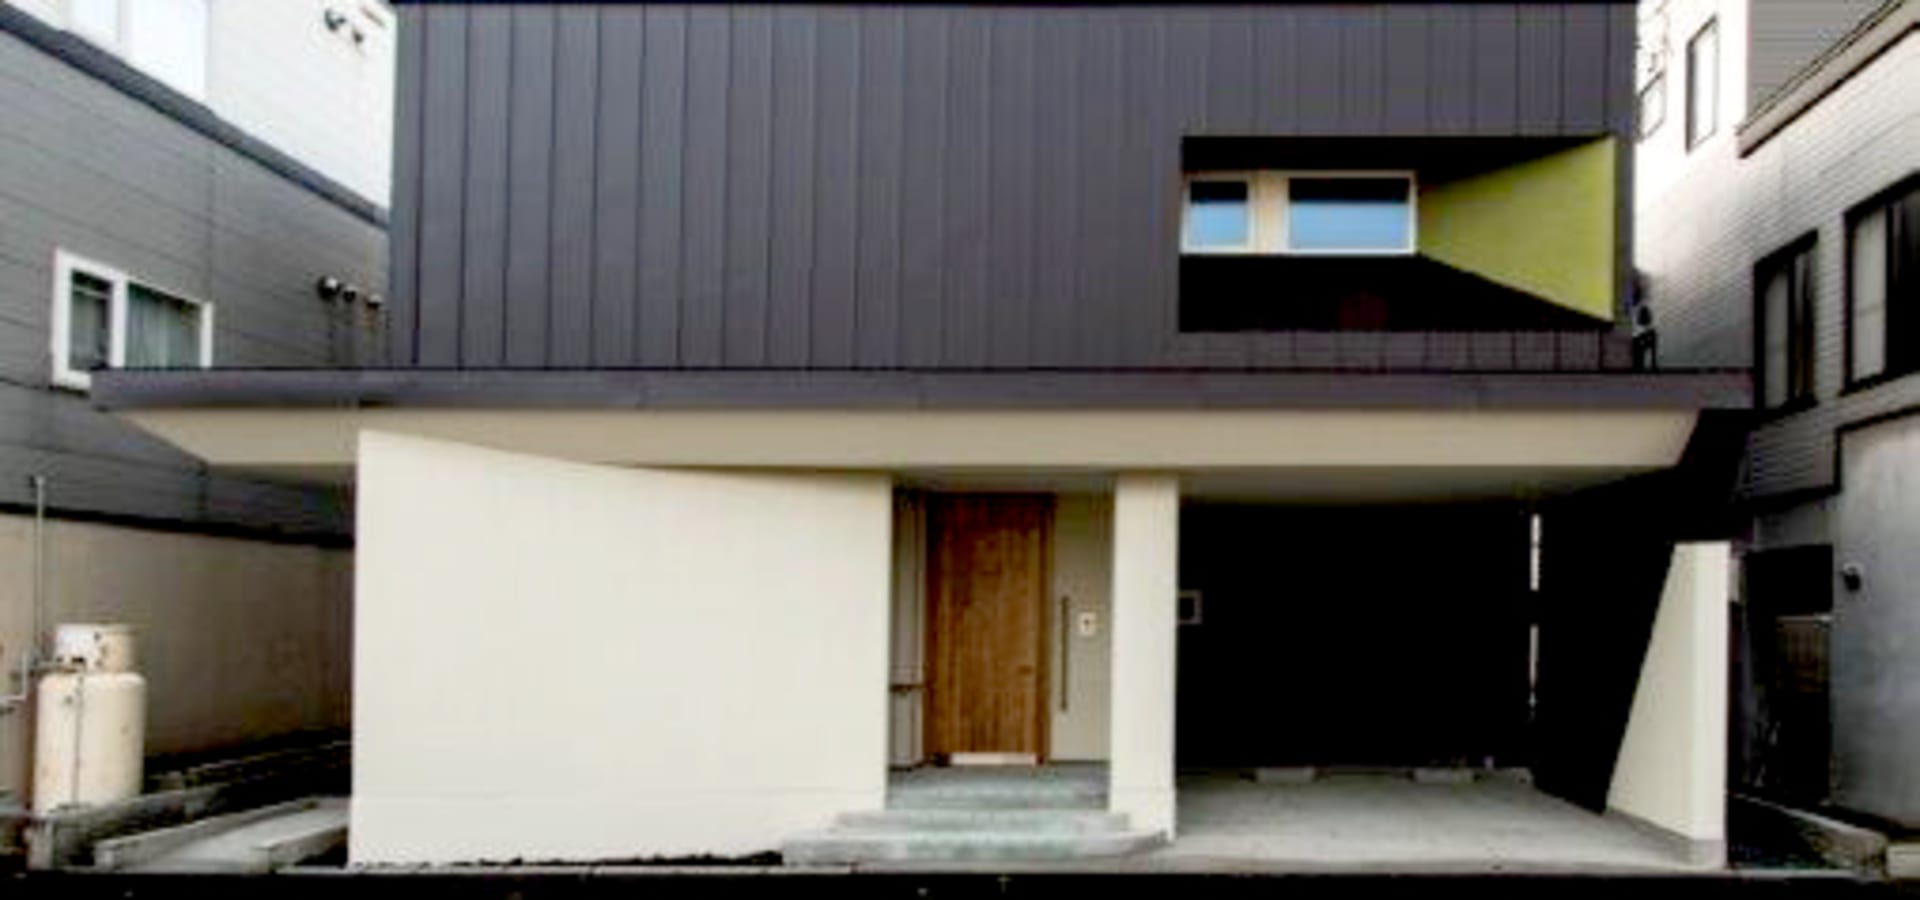 アウラ建築設計事務所